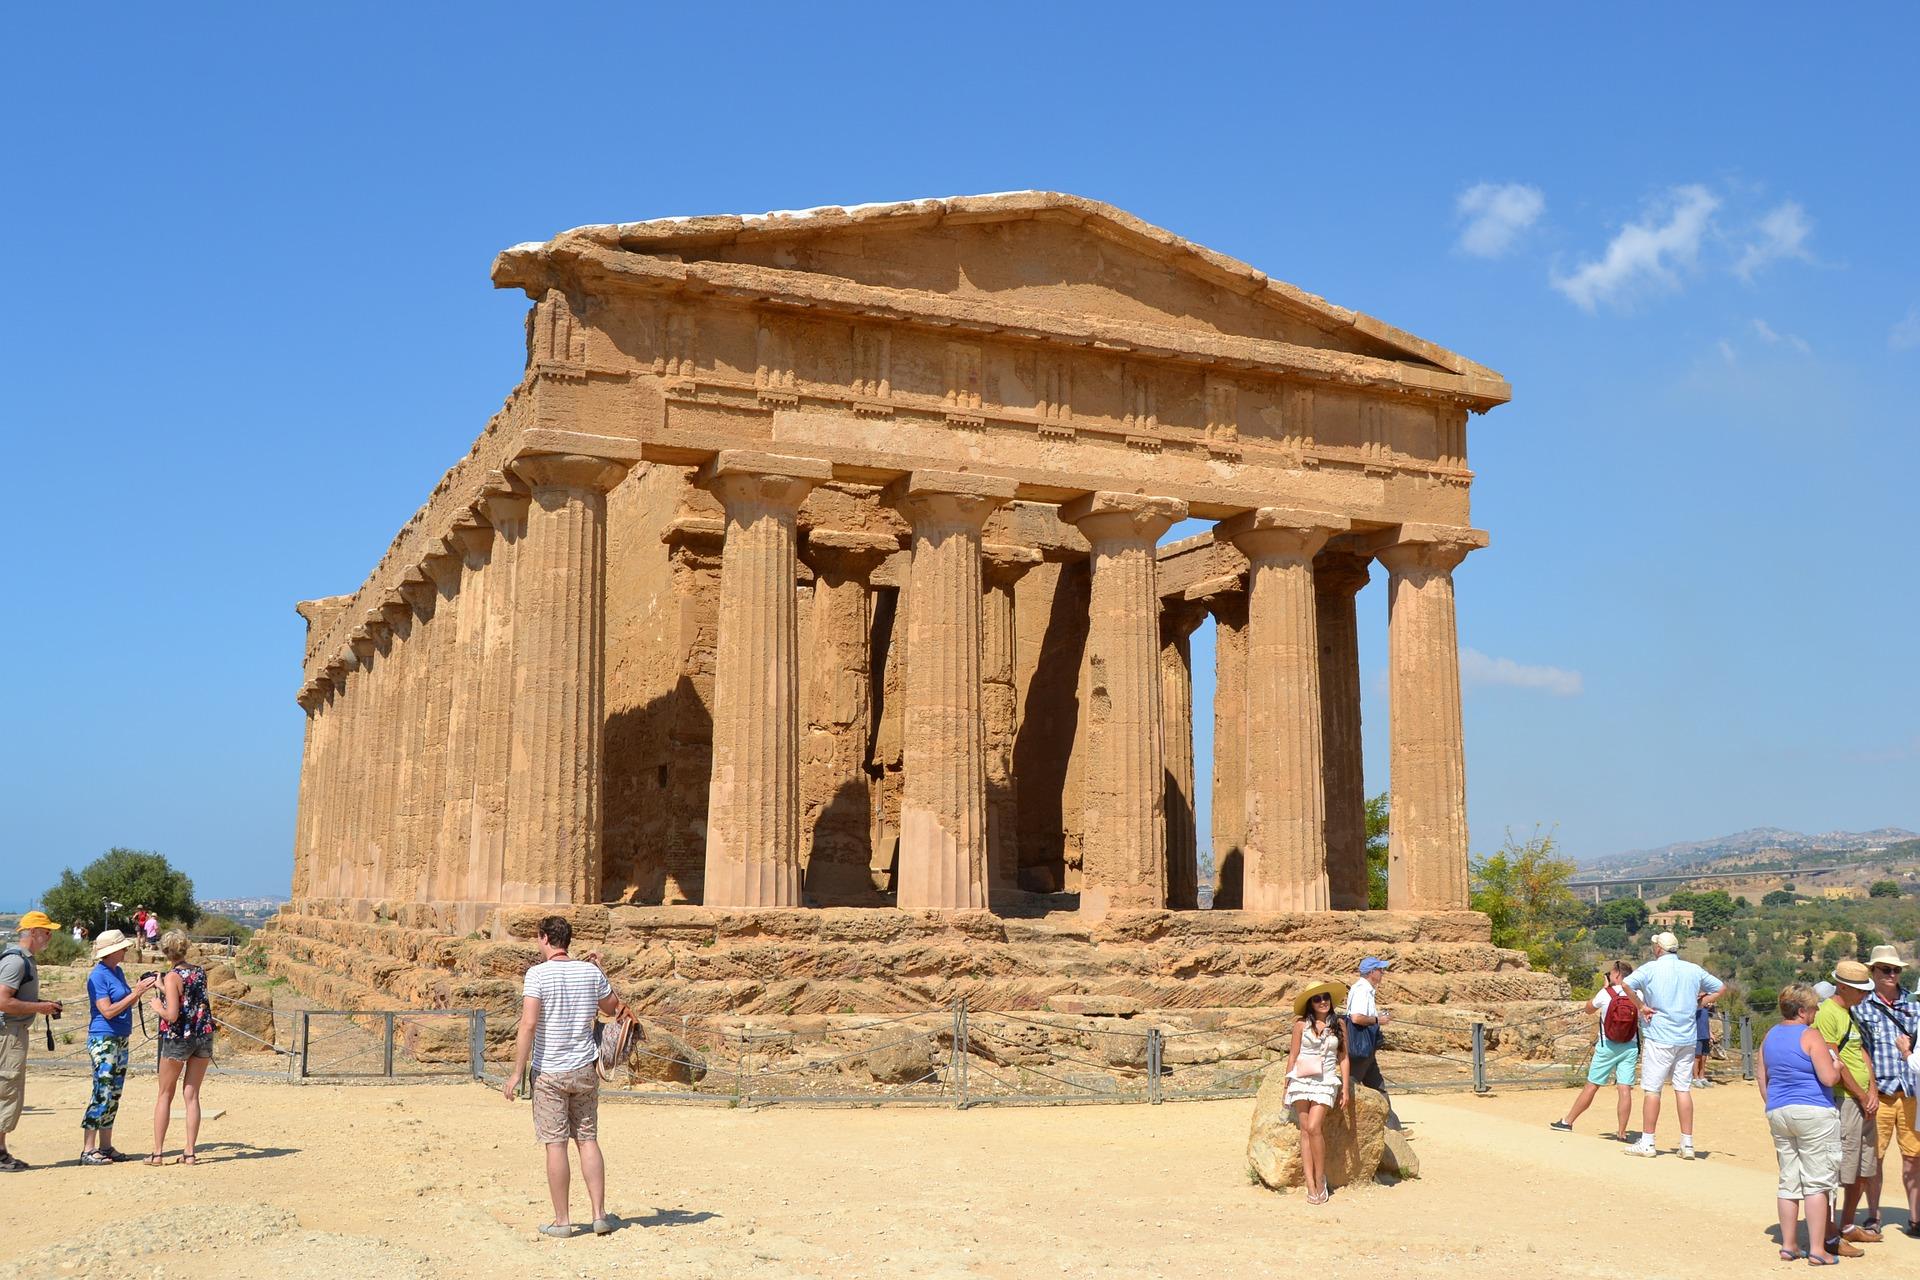 Sicily | Doric Temple of Concord, Agrigento